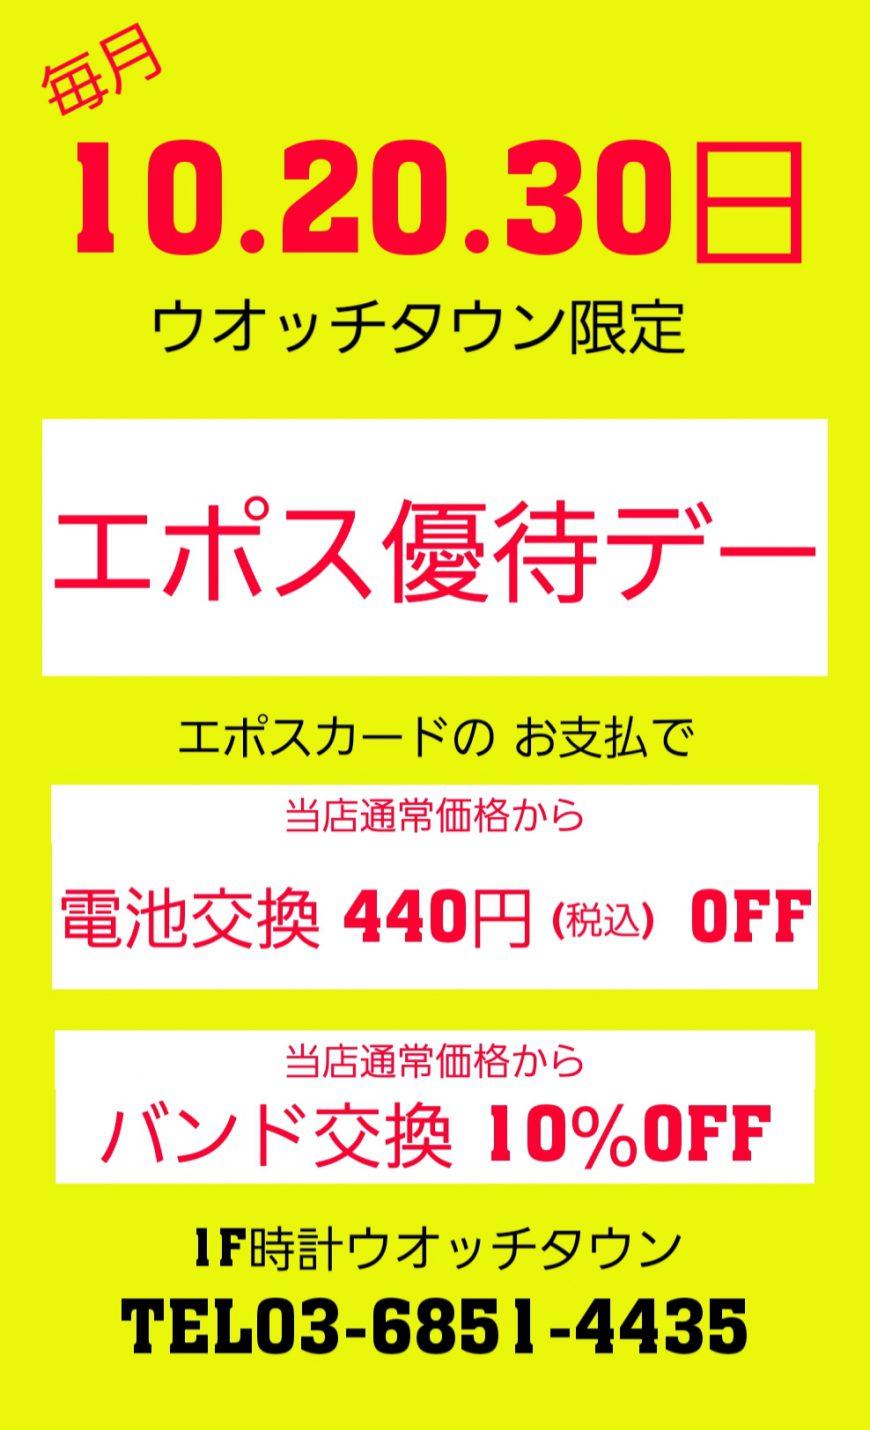 【予告】12/10はエポス優待デー